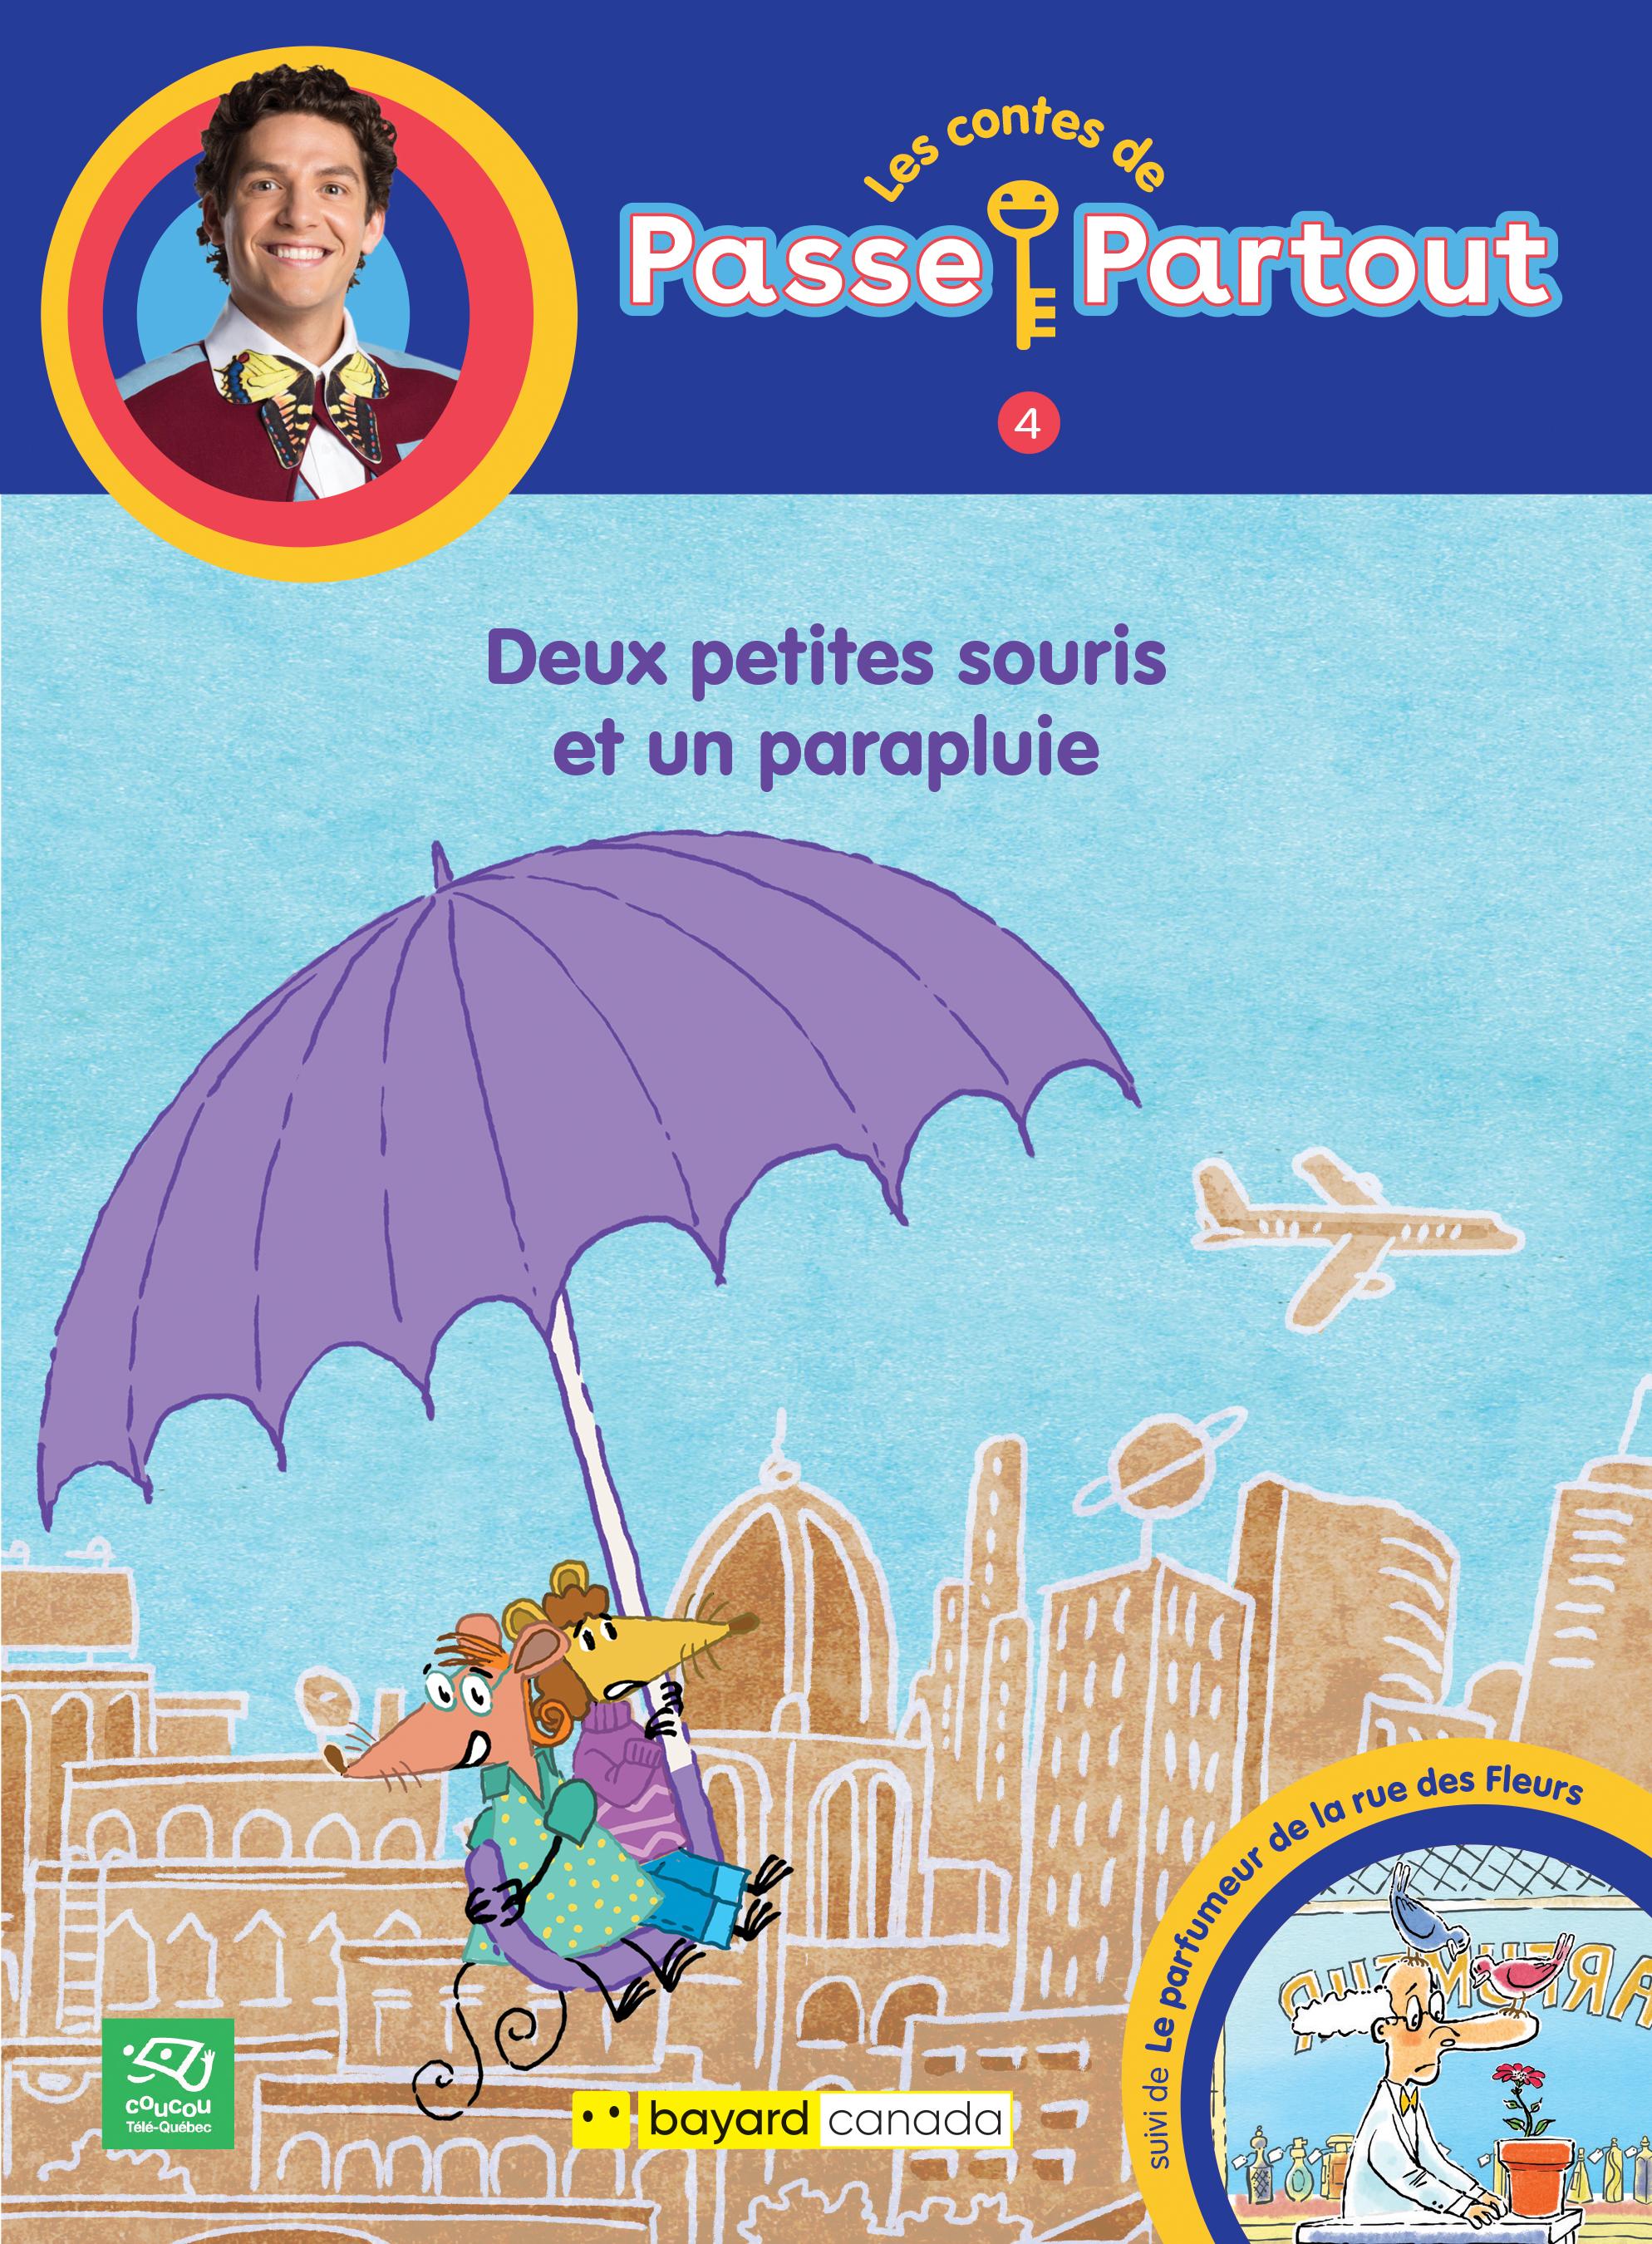 1. Deux petites souris et un parapluie : 2. Le parfumeur de la rue des fleurs